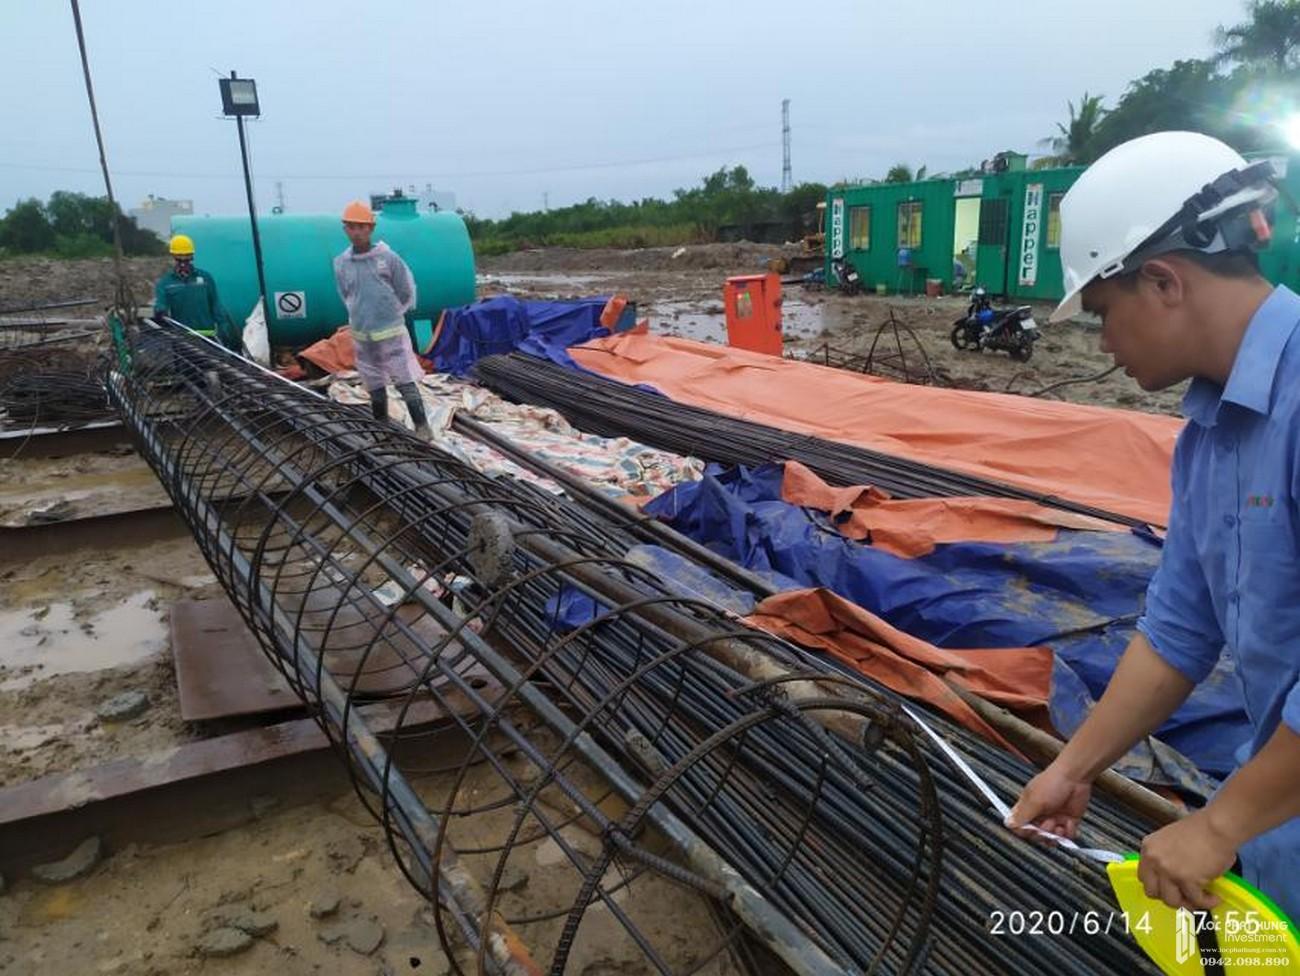 Tiến độ xây dựng dự án căn hộ La Partenza 06/2020